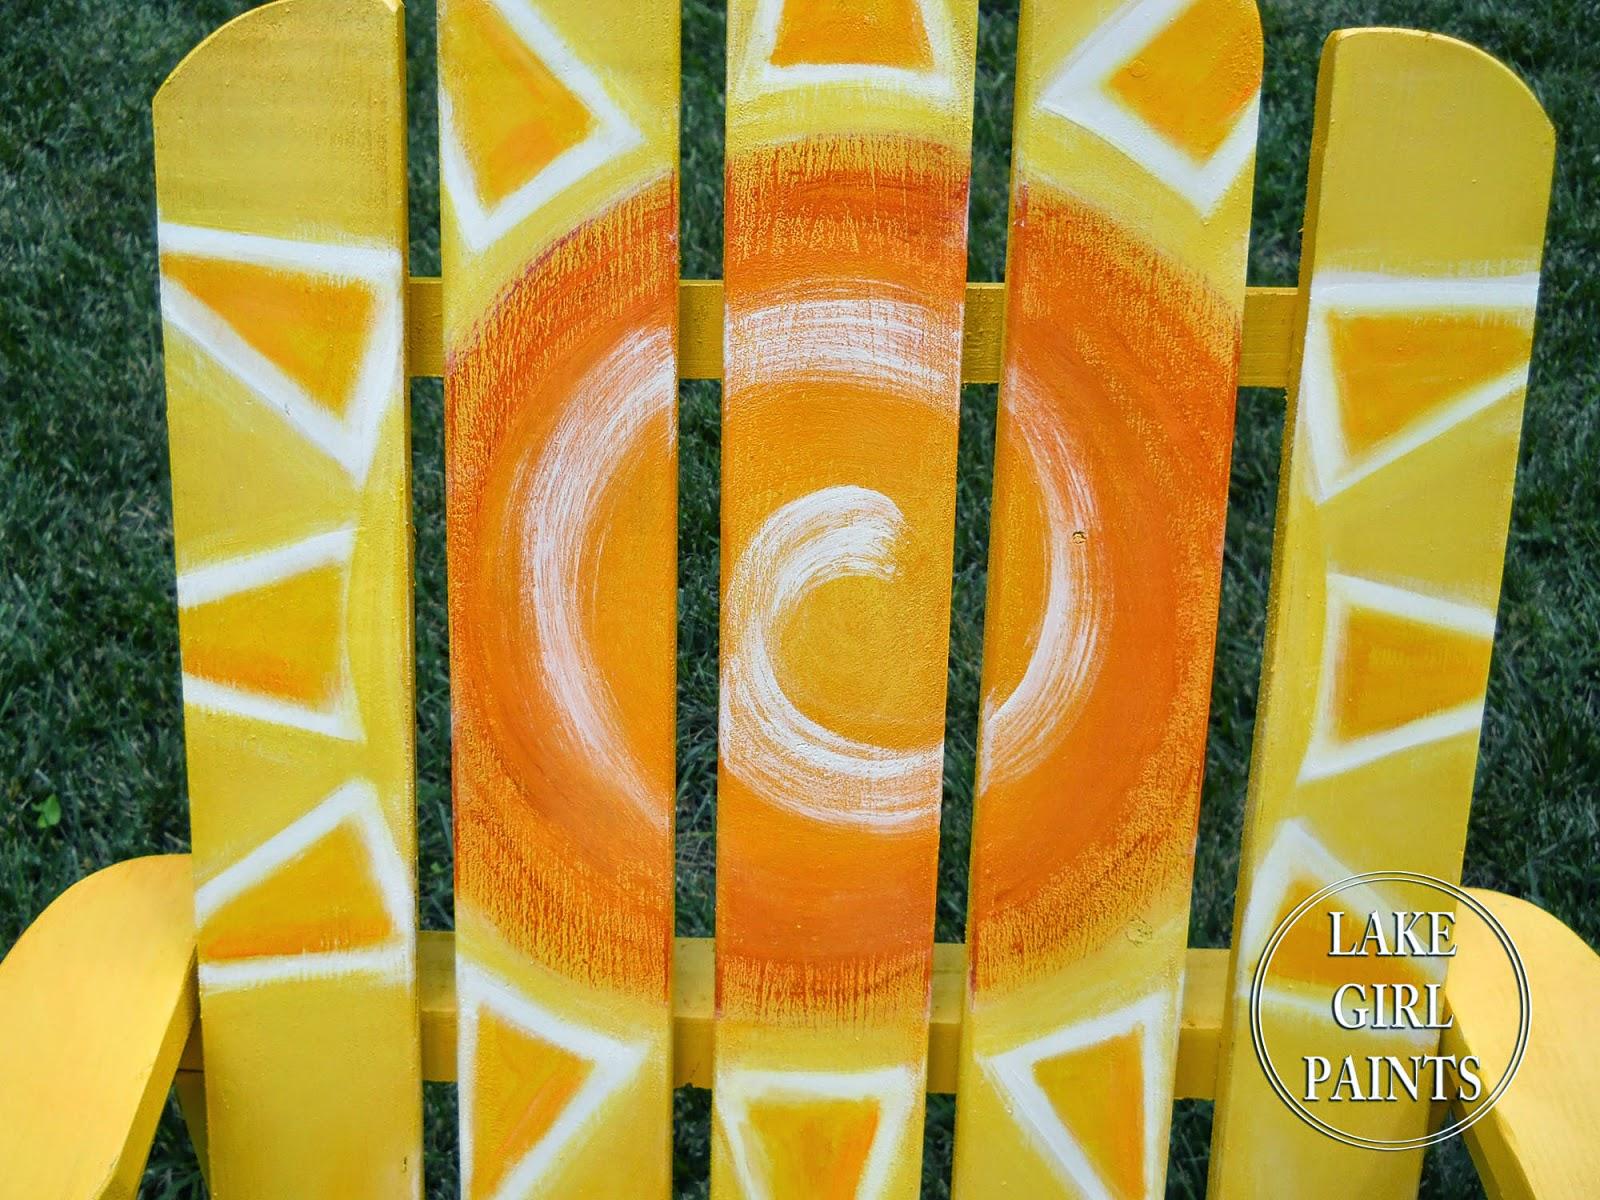 Adirondack chair painting - Painting Sunny Adirondack Chairs